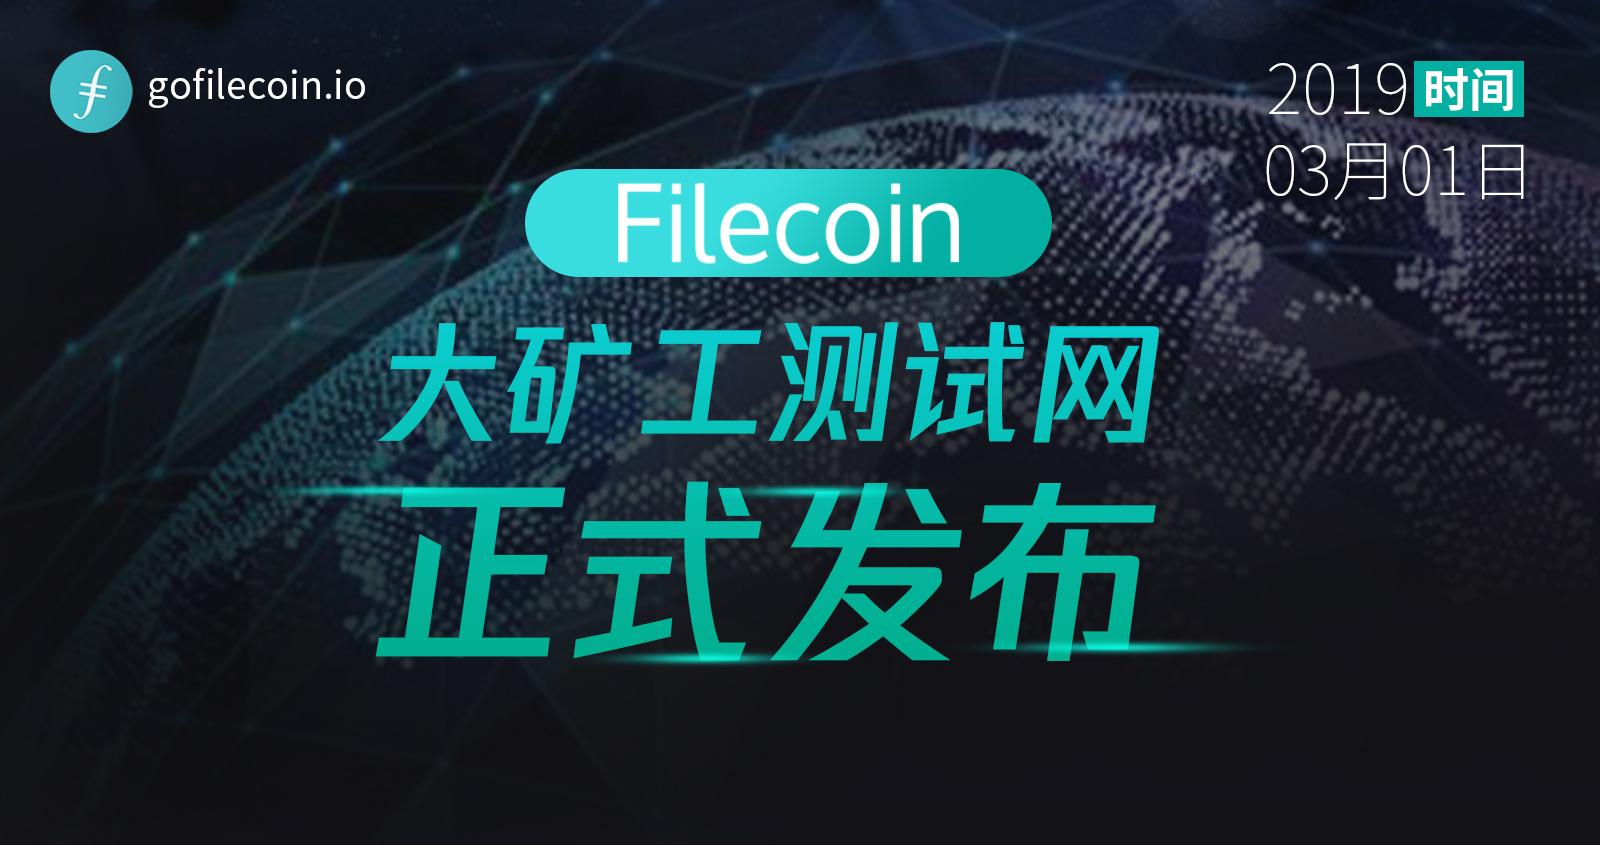 重磅:Filecoin 大矿工测试网正式发布上线!